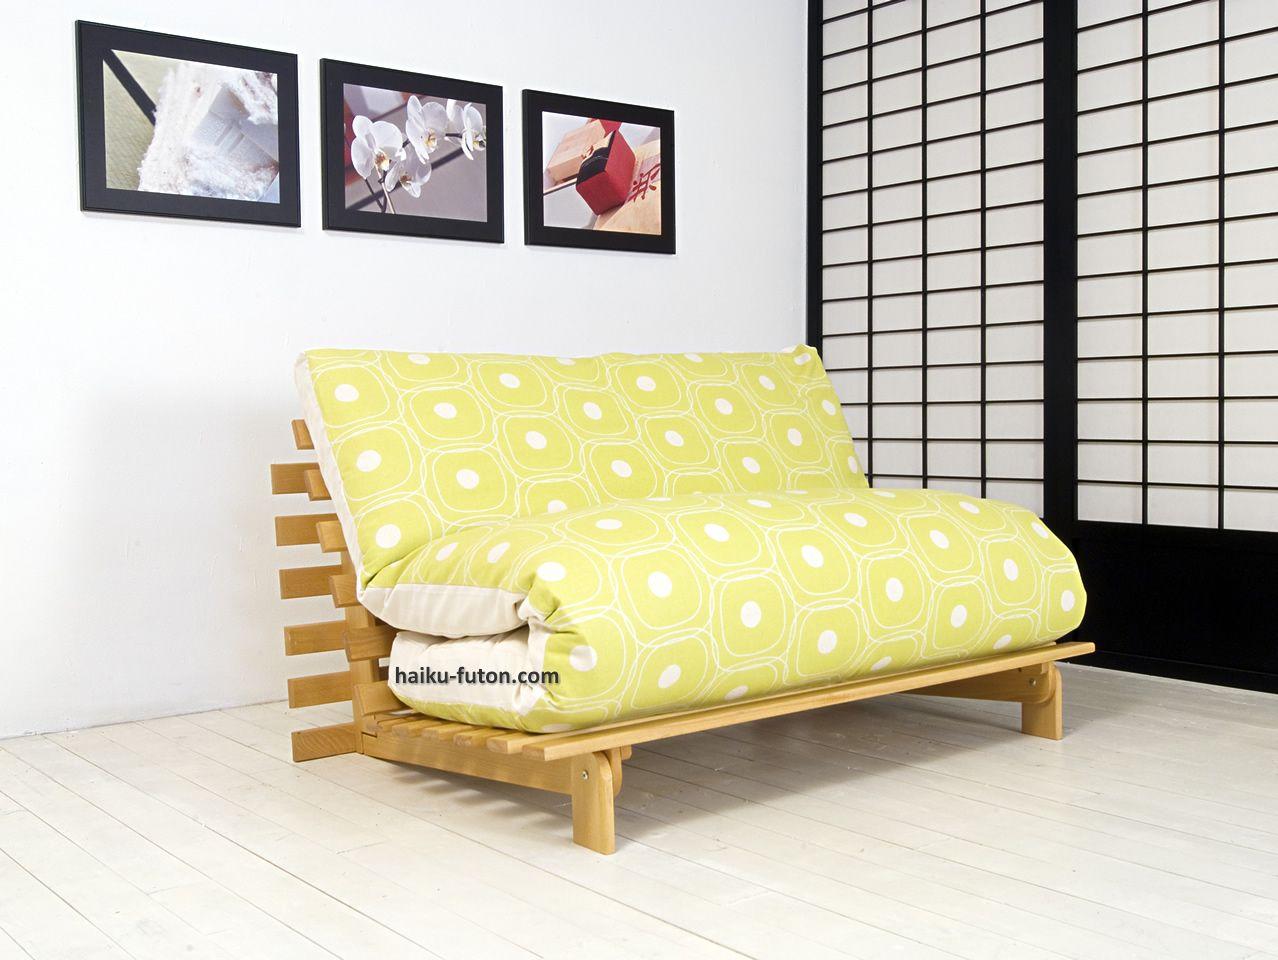 Futon sof cama plegable la estructura del futon sof cama for Futon cama de una plaza